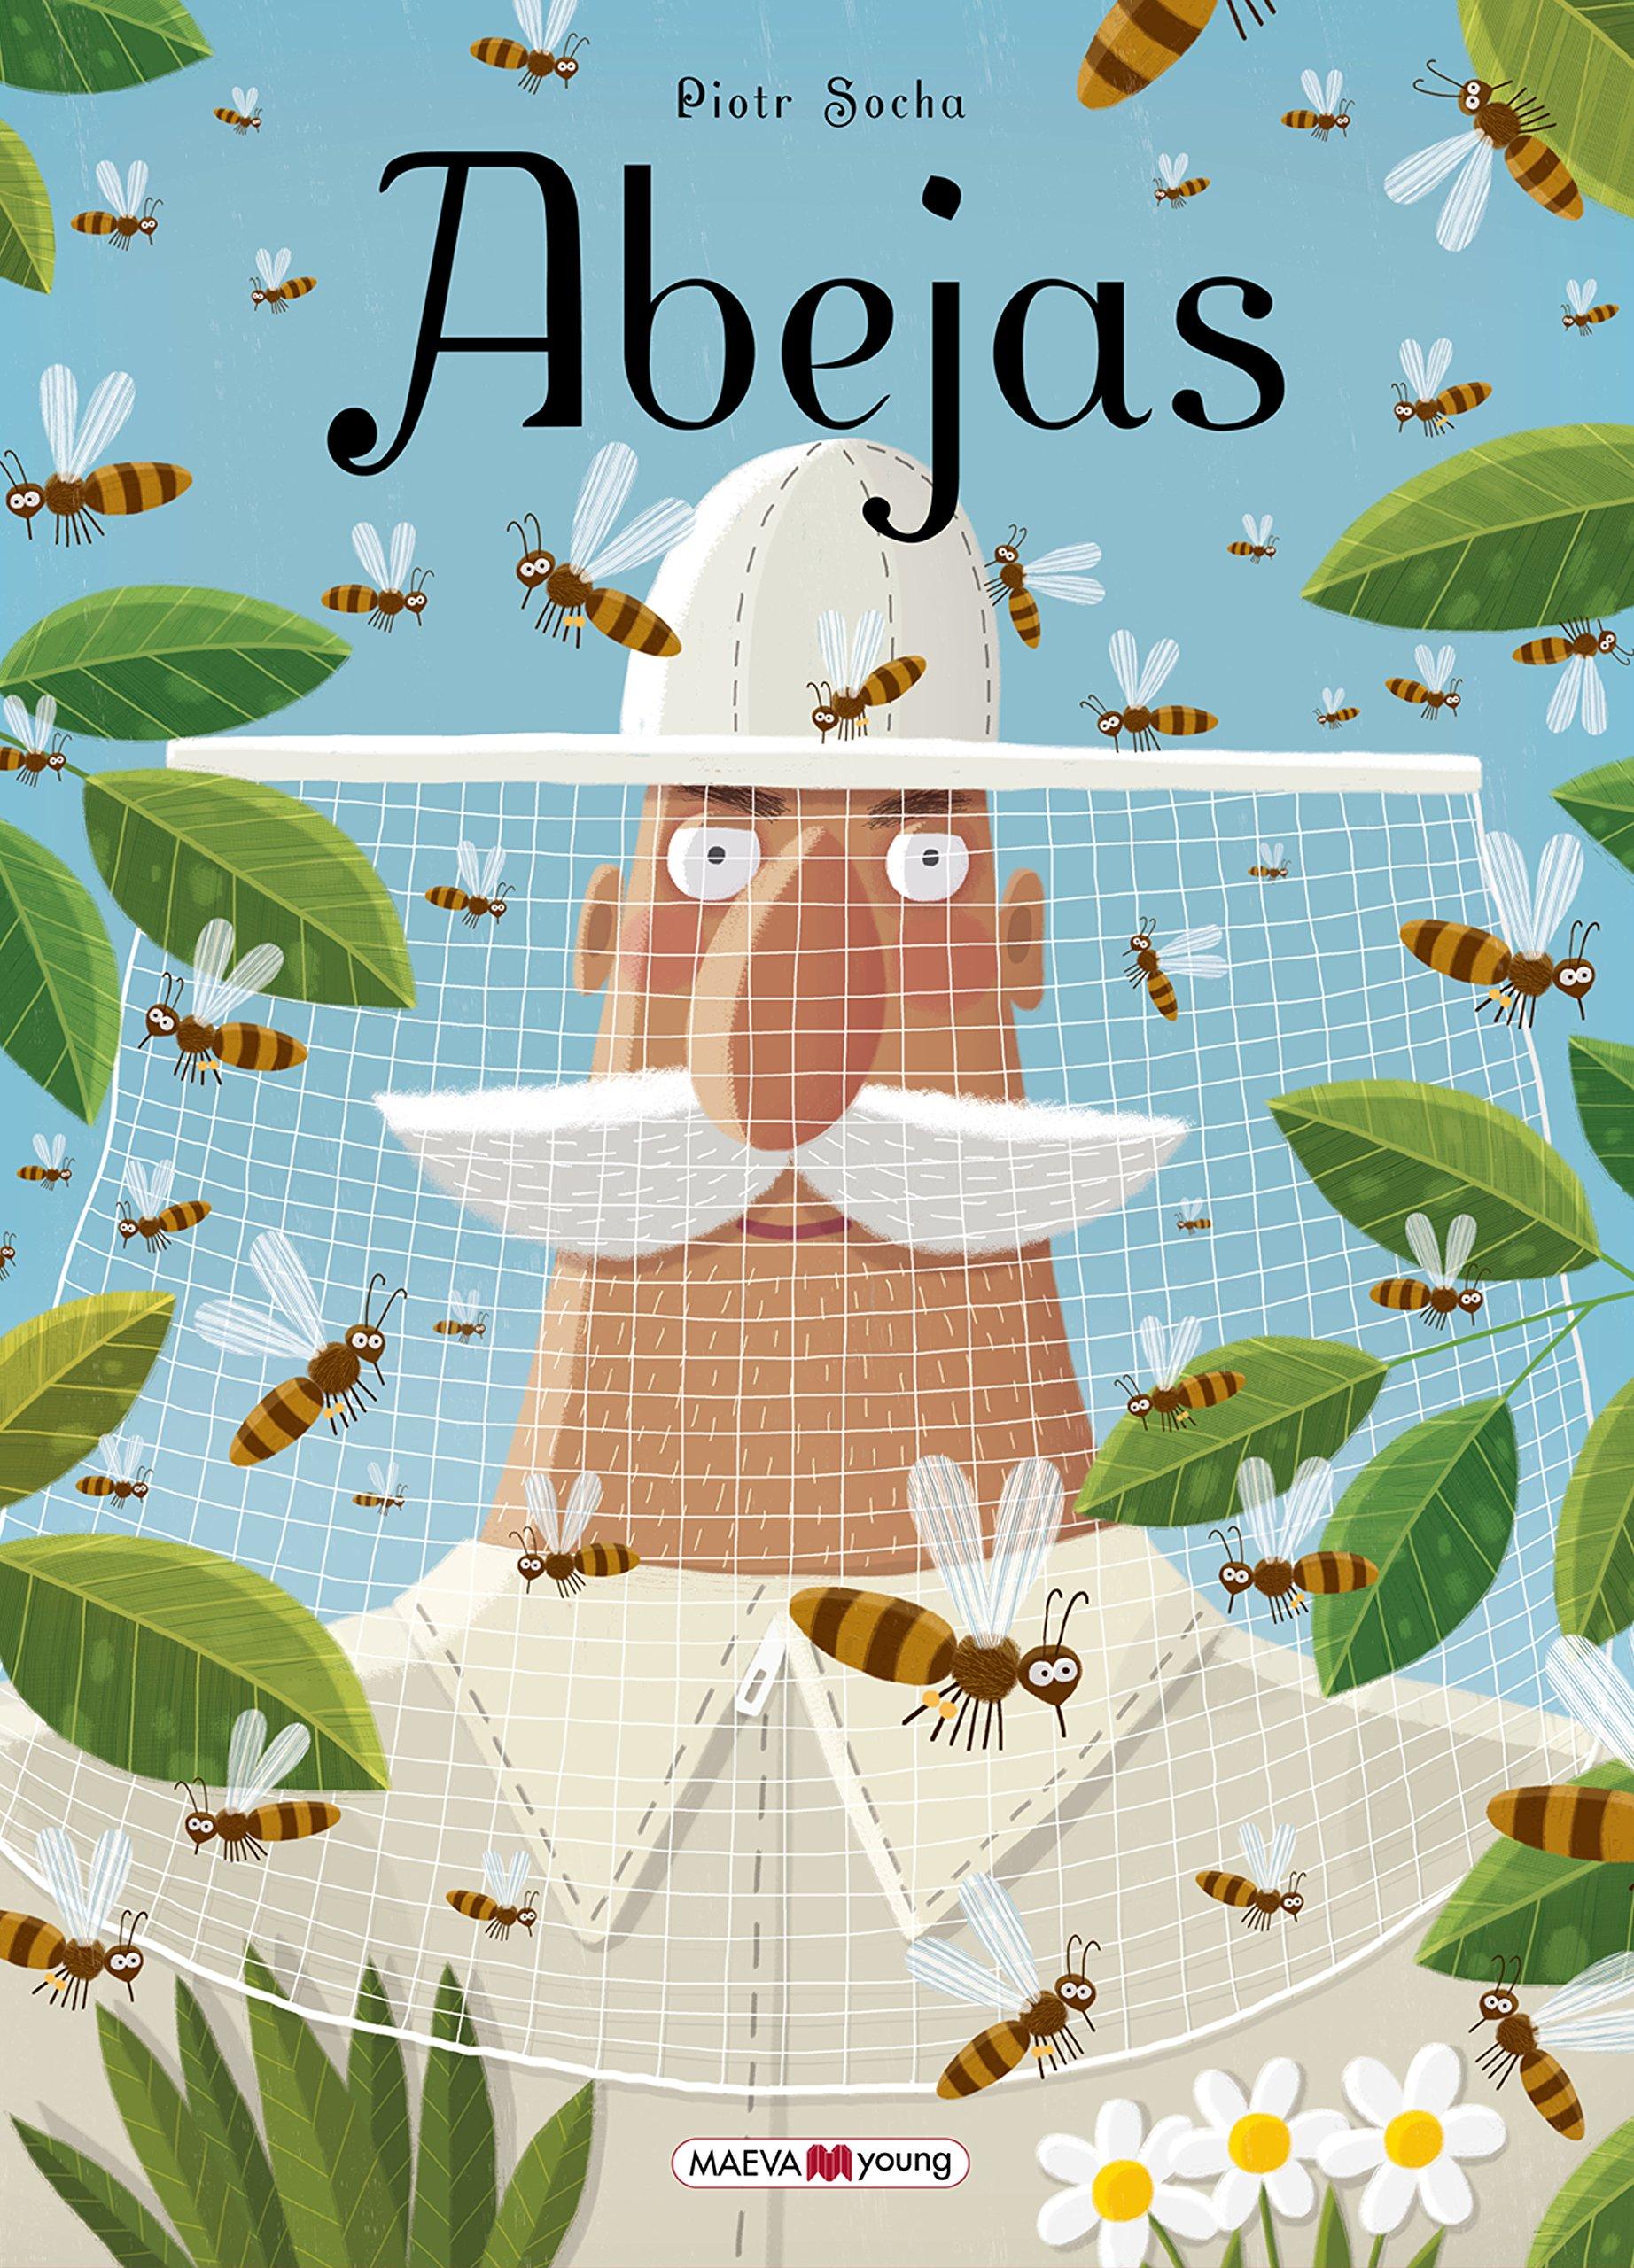 Abejas (Libros para los que aman los libros): Amazon.es ...